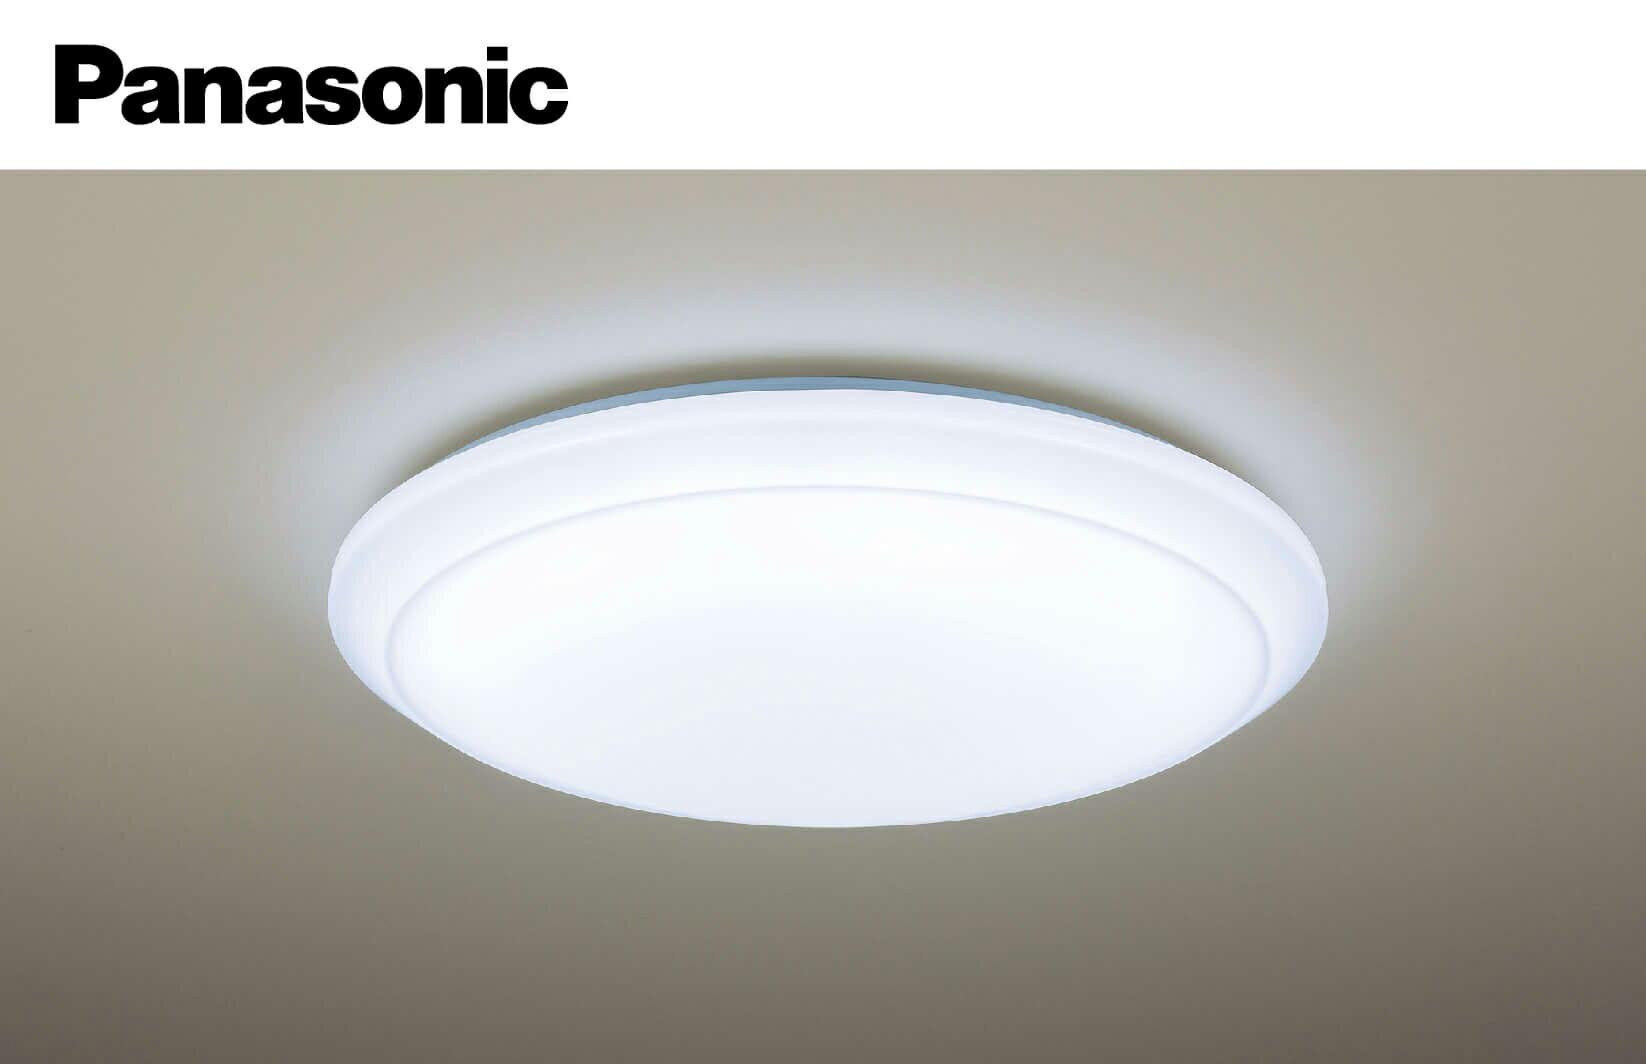 2018新款 國際牌LED(第三代)32.7W調光調色遙控燈-全白吸頂燈-HH-LAZ5043209 原廠公司貨